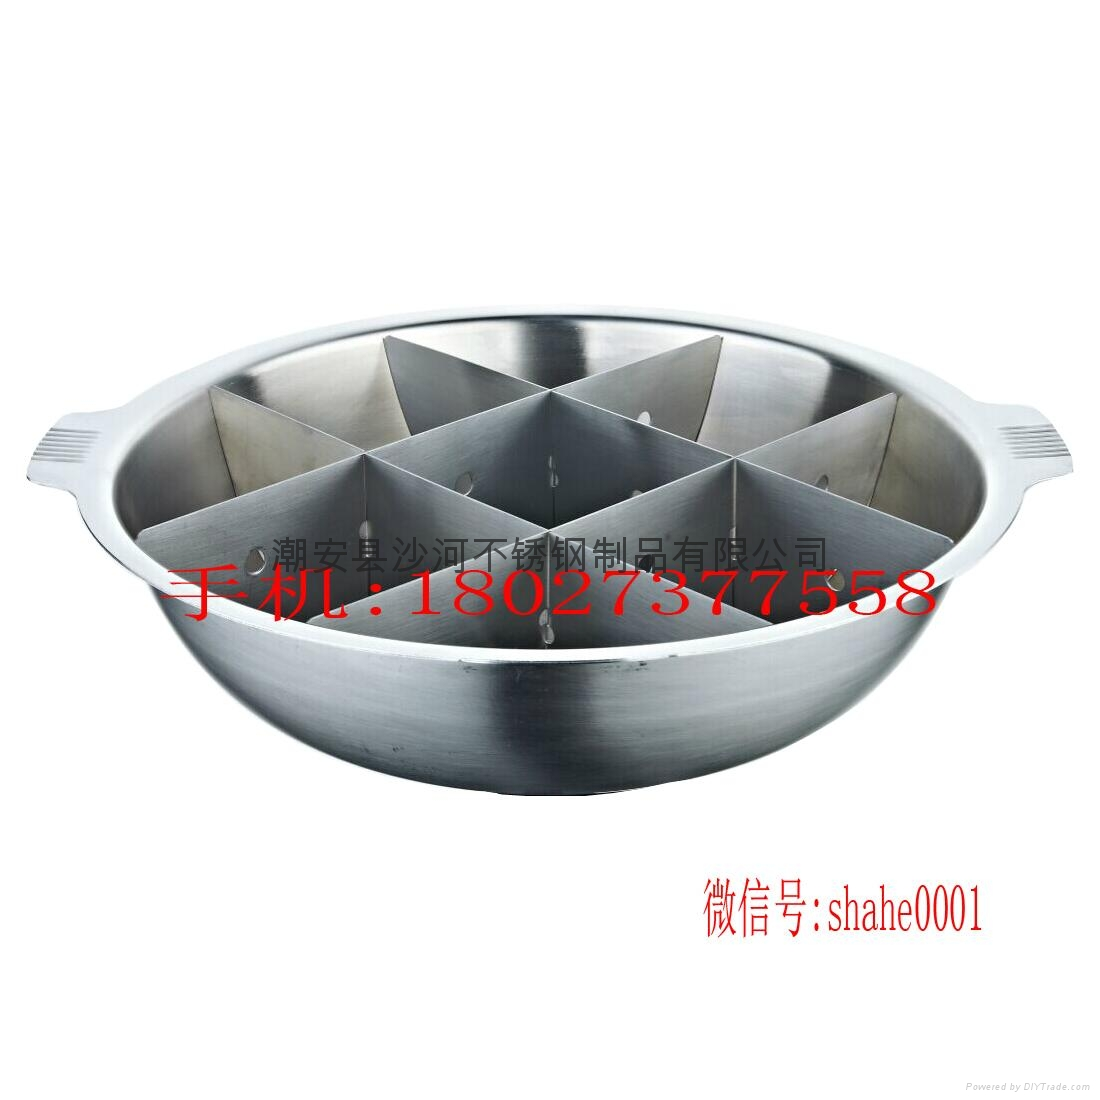 商业厨具三合钢鸳鸯火锅36cm不锈钢鸳鸯锅可用电磁炉燃气炉瓦斯炉 2